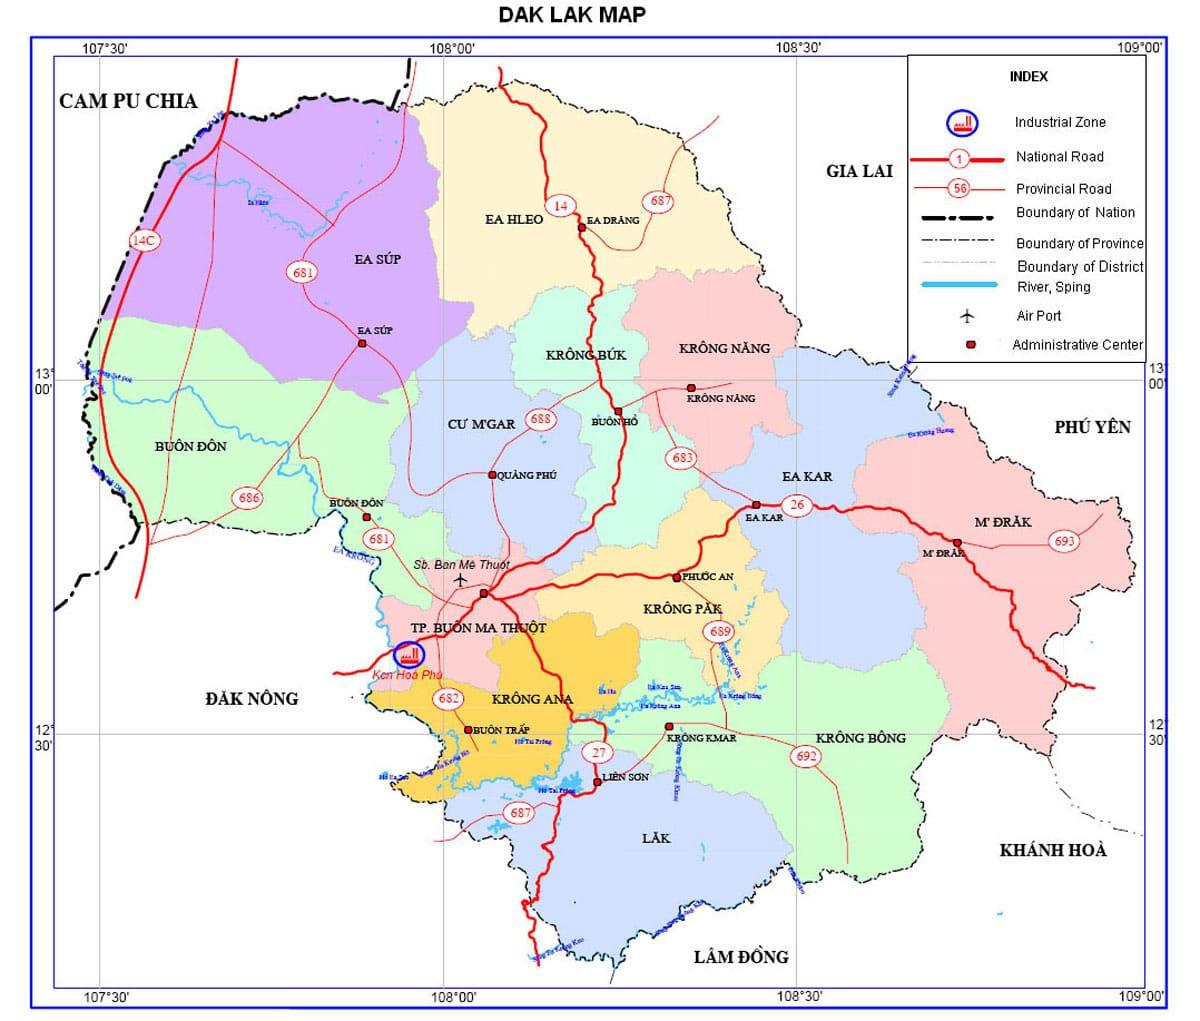 bản đồ quy hoạch tỉnh đắk lắk - BẢN ĐỒ HÀNH CHÍNH TỈNH ĐẮK LẮK & THÔNG TIN QUY HOẠCH MỚI NHẤT 2021